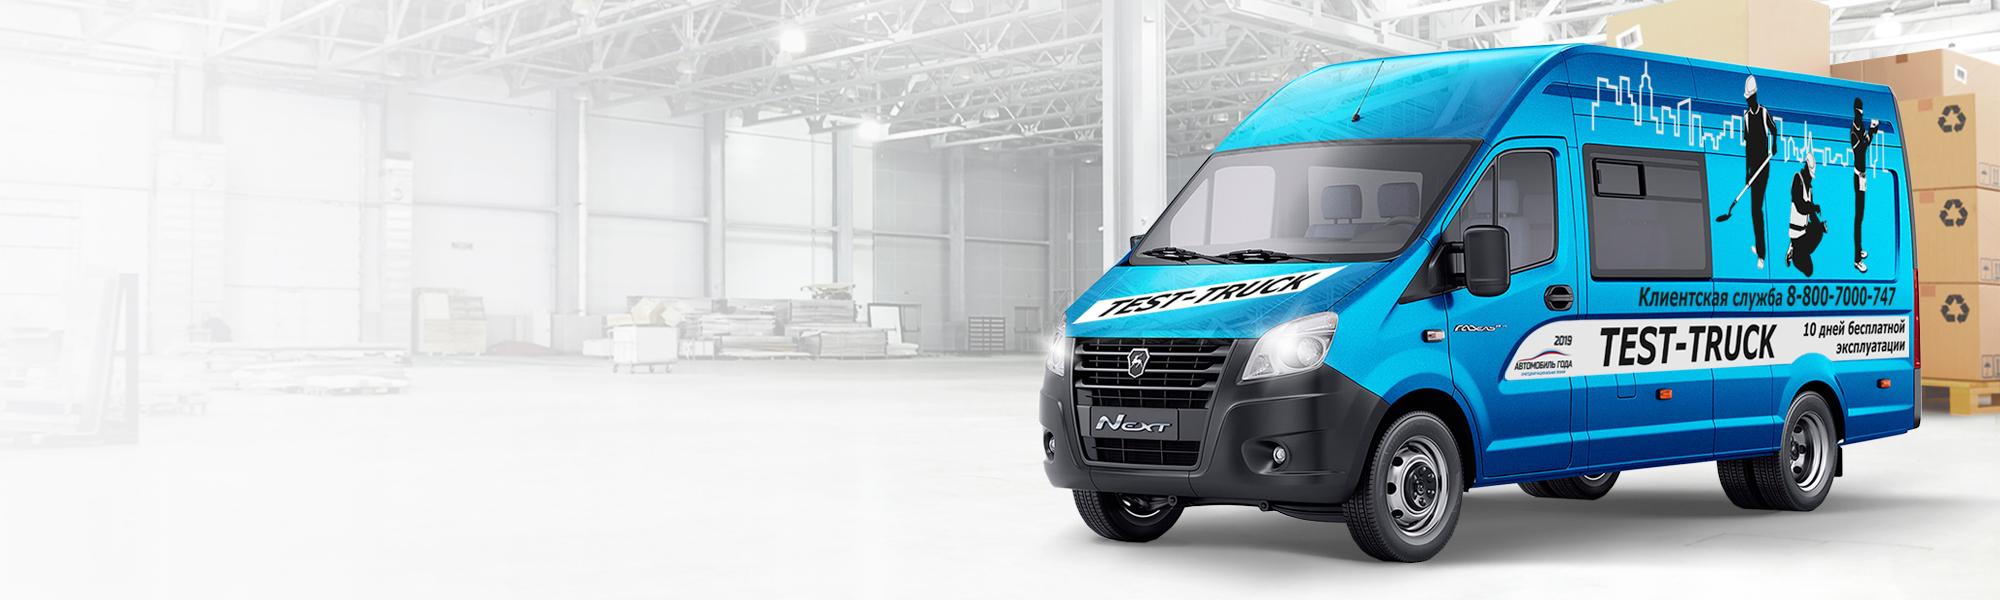 Автомобиль ГАЗель NEXT в TEST-TRUСK. Десктопное изображение